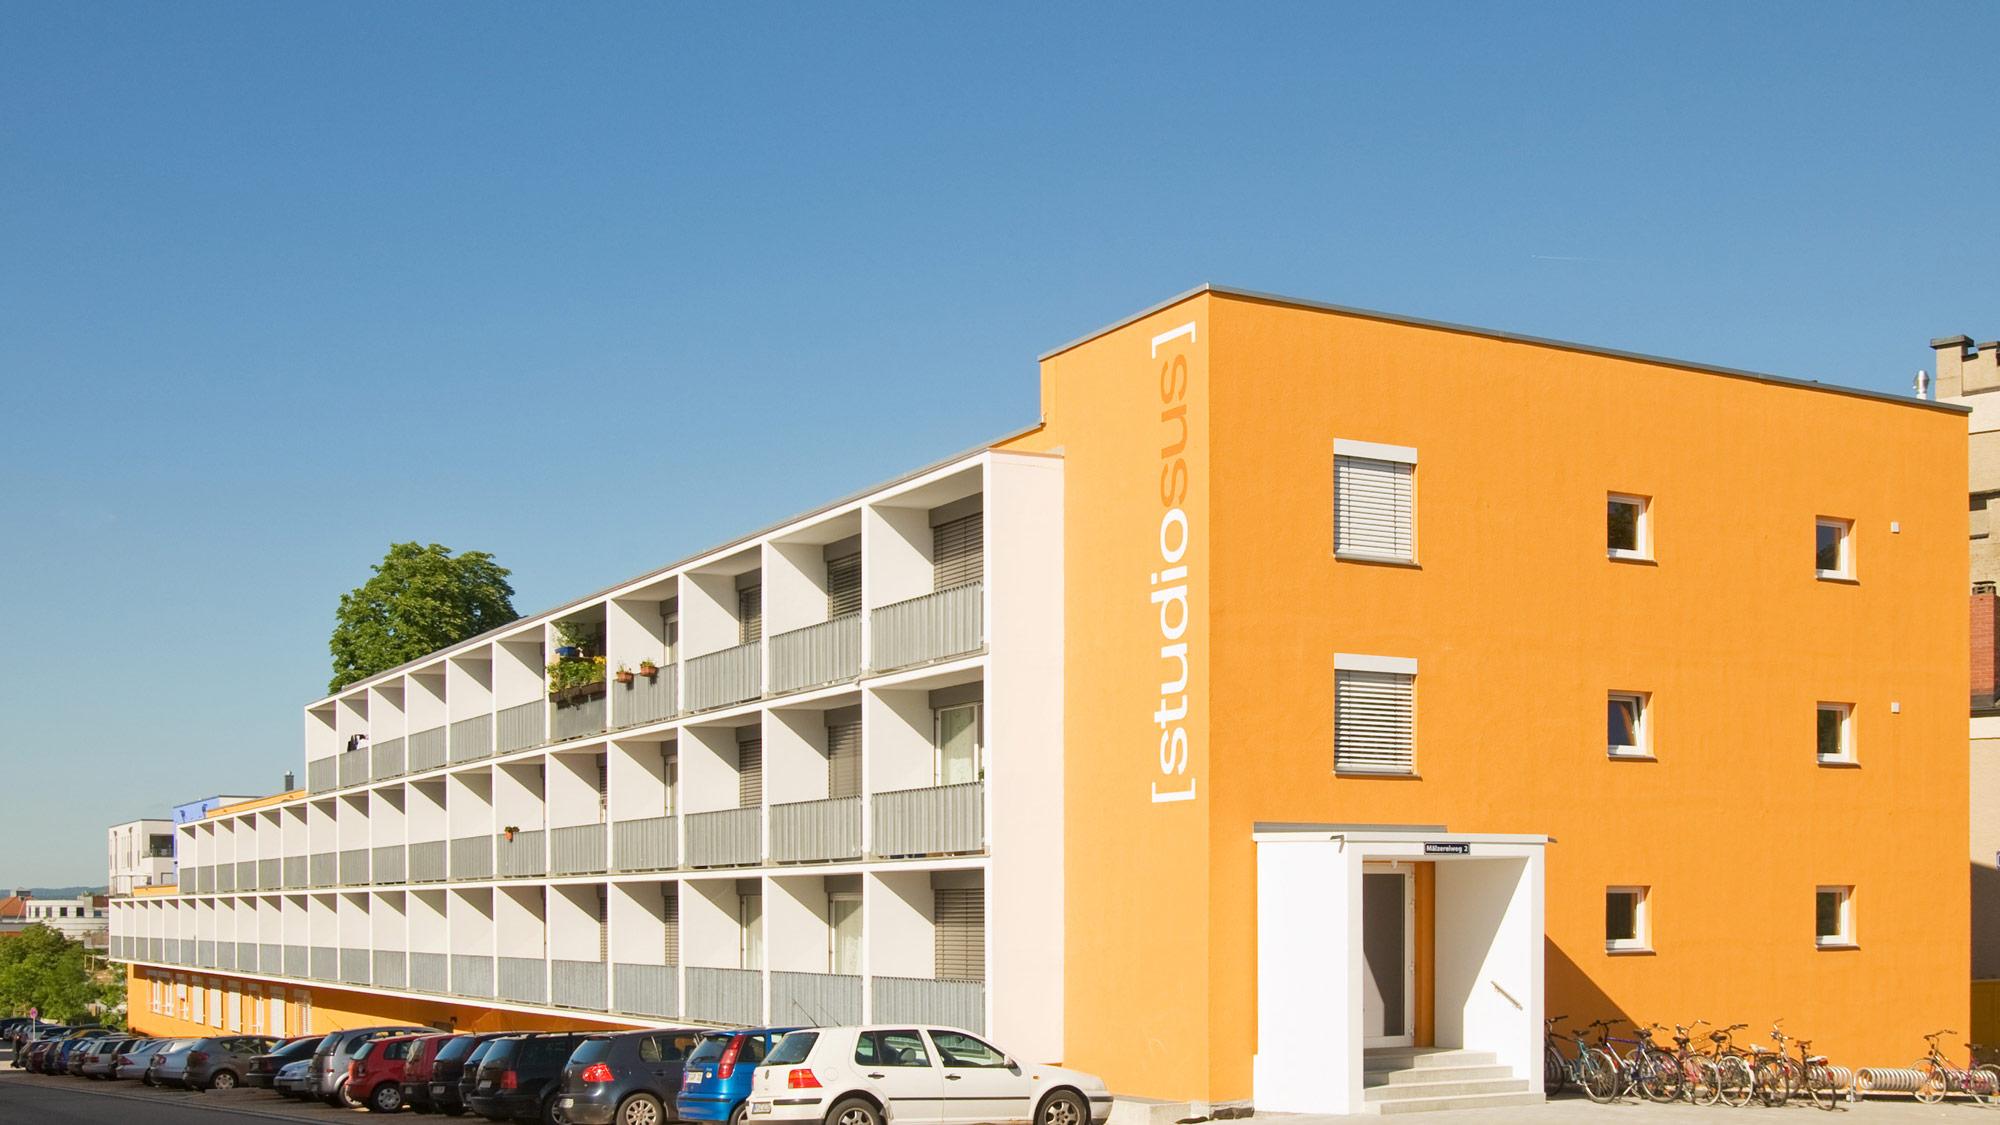 Neubauprojekt studiosus 1 - Außenansicht der Wohnanlage mit modernen Studentenapartments in zentraler Lage in Regensburg